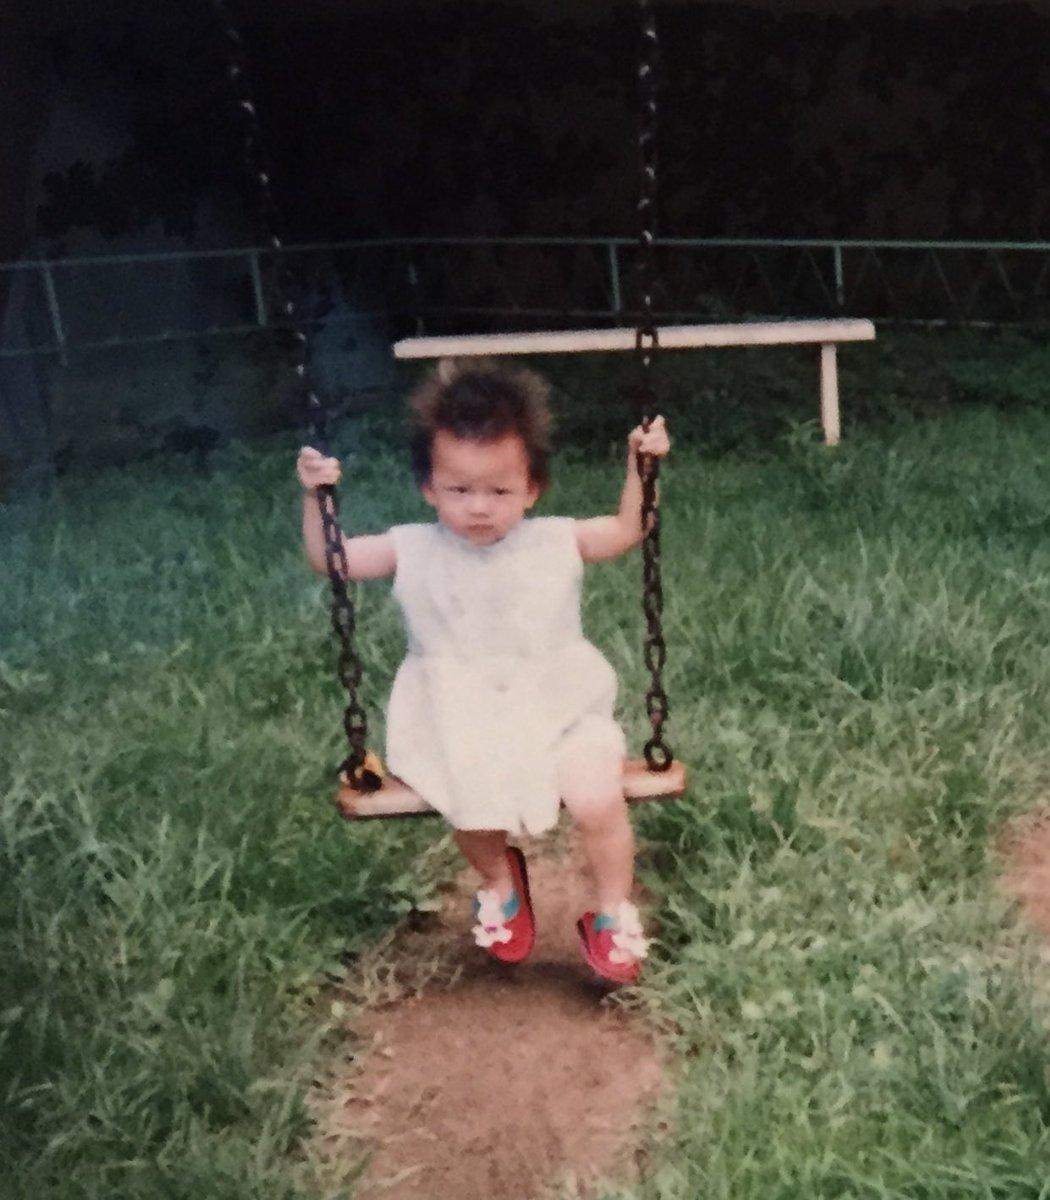 爆毛赤ちゃん 爆毛赤ちゃんが話題ですが、 ヤンキー赤ちゃんが私です。pic.twitter.com/43mfs3FUUJ